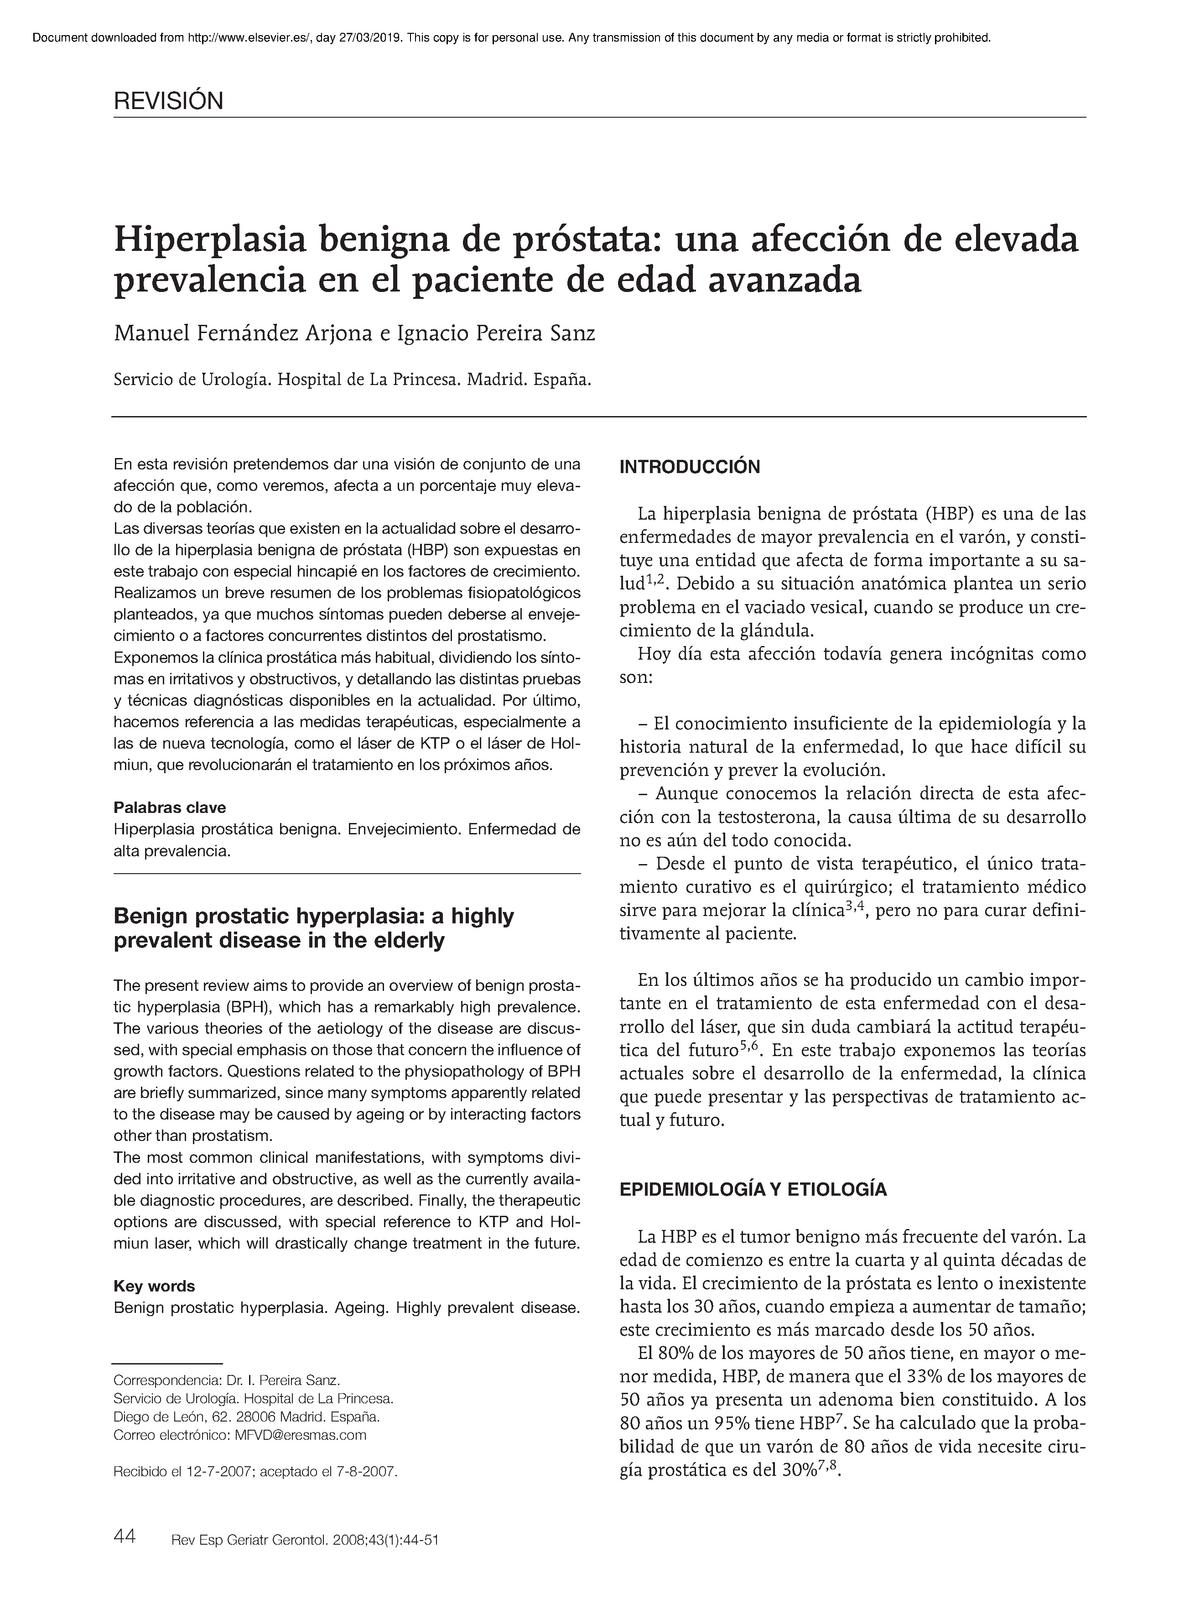 hipertrofia de próstata qué hacer en Nueva York